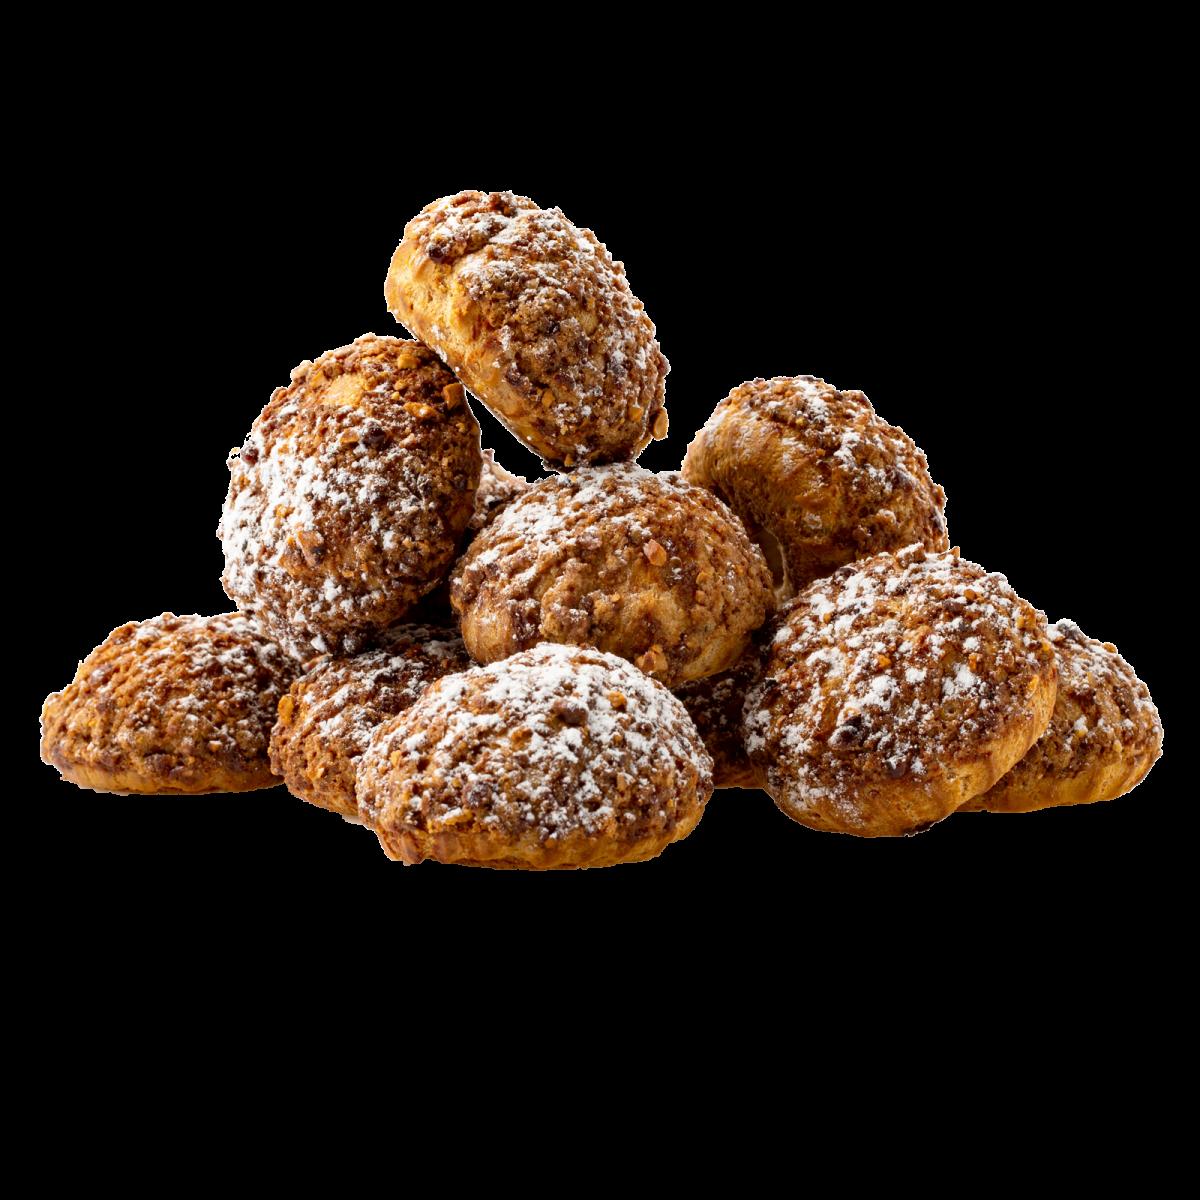 Pâtisseries - Chouquette